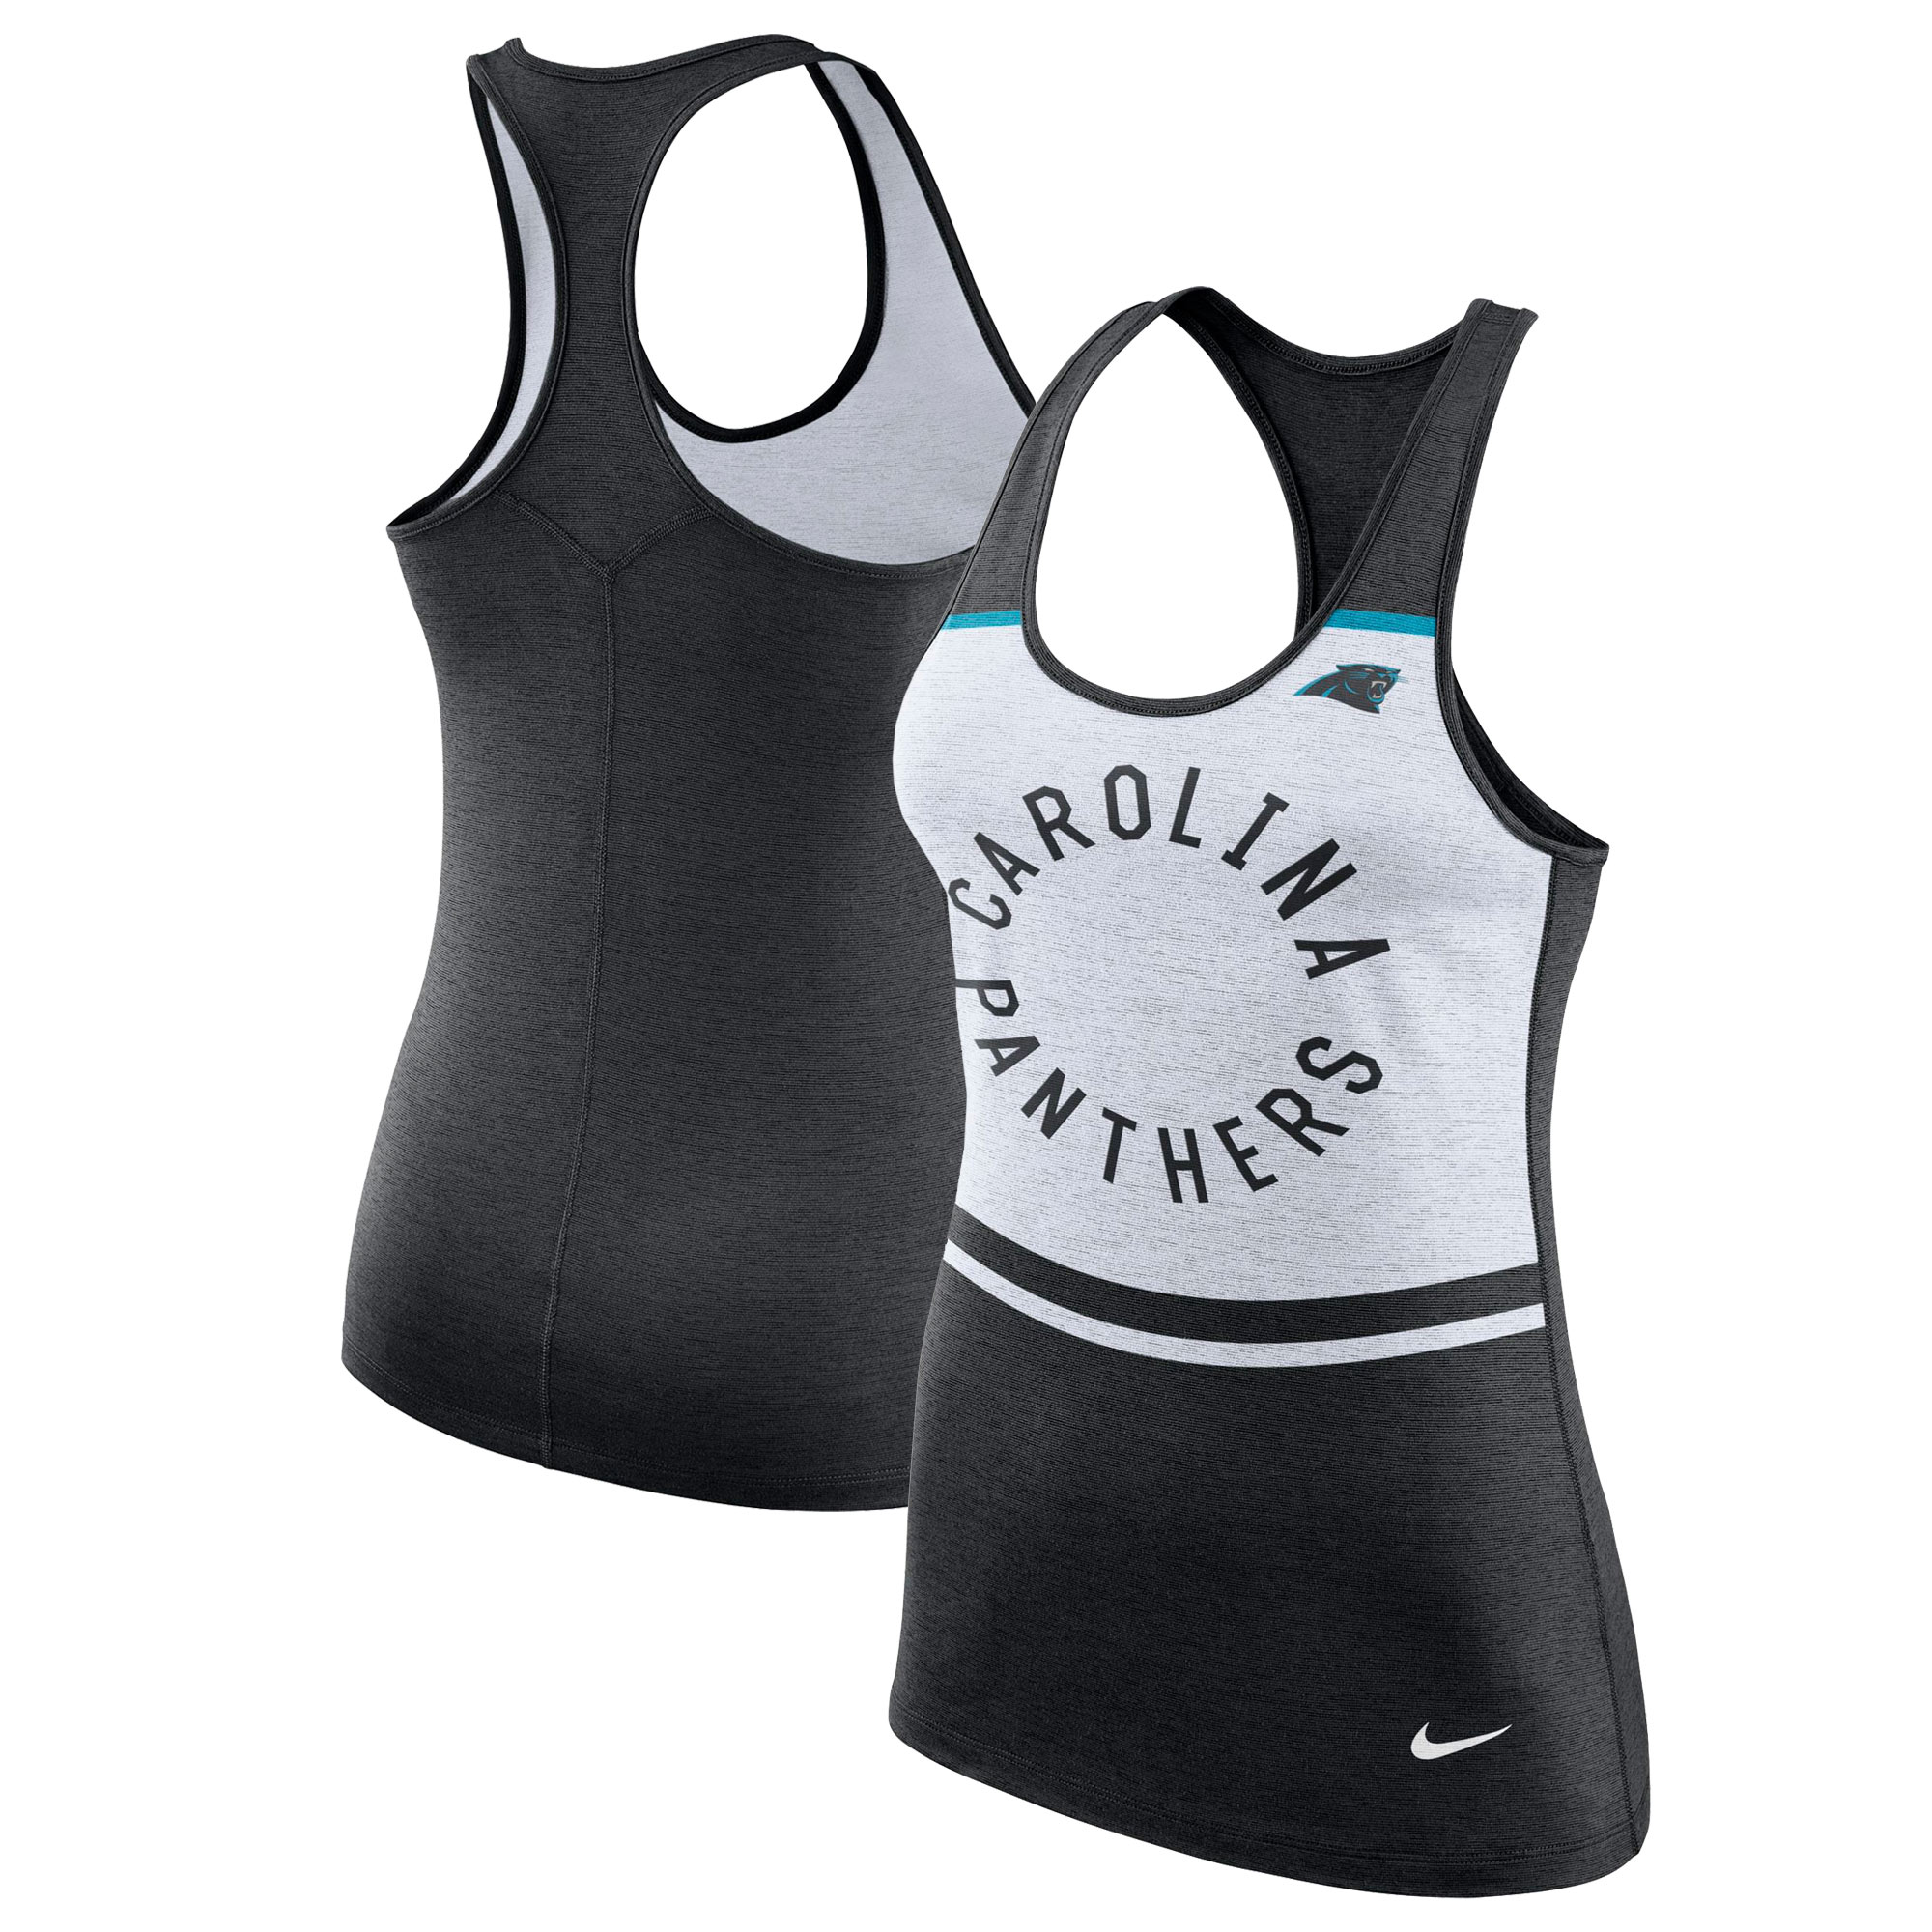 Carolina Panthers Nike Women's Circle Racerback Performance Tank Top - White